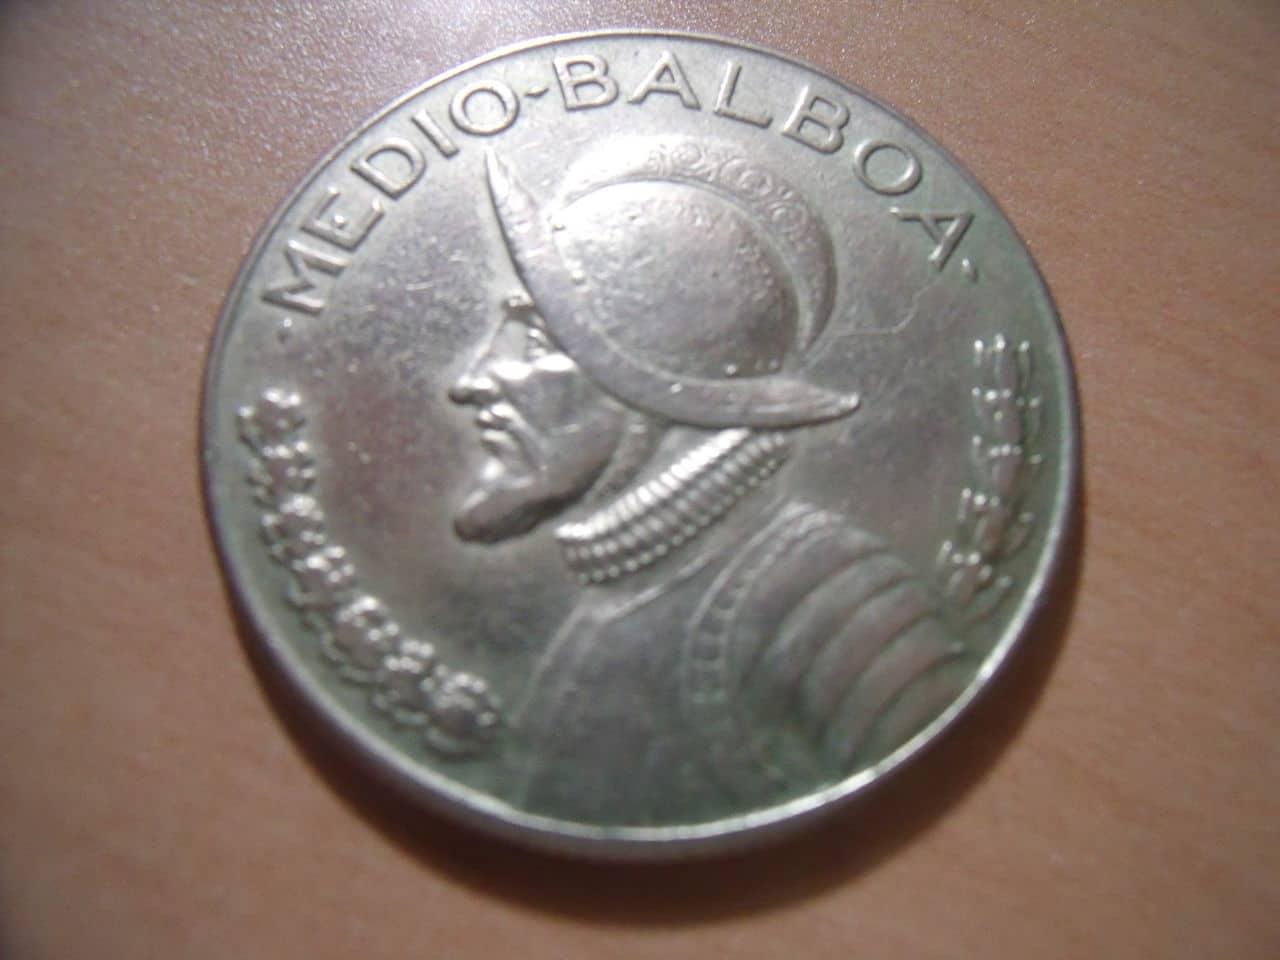 Más BALBOA Monedes_005